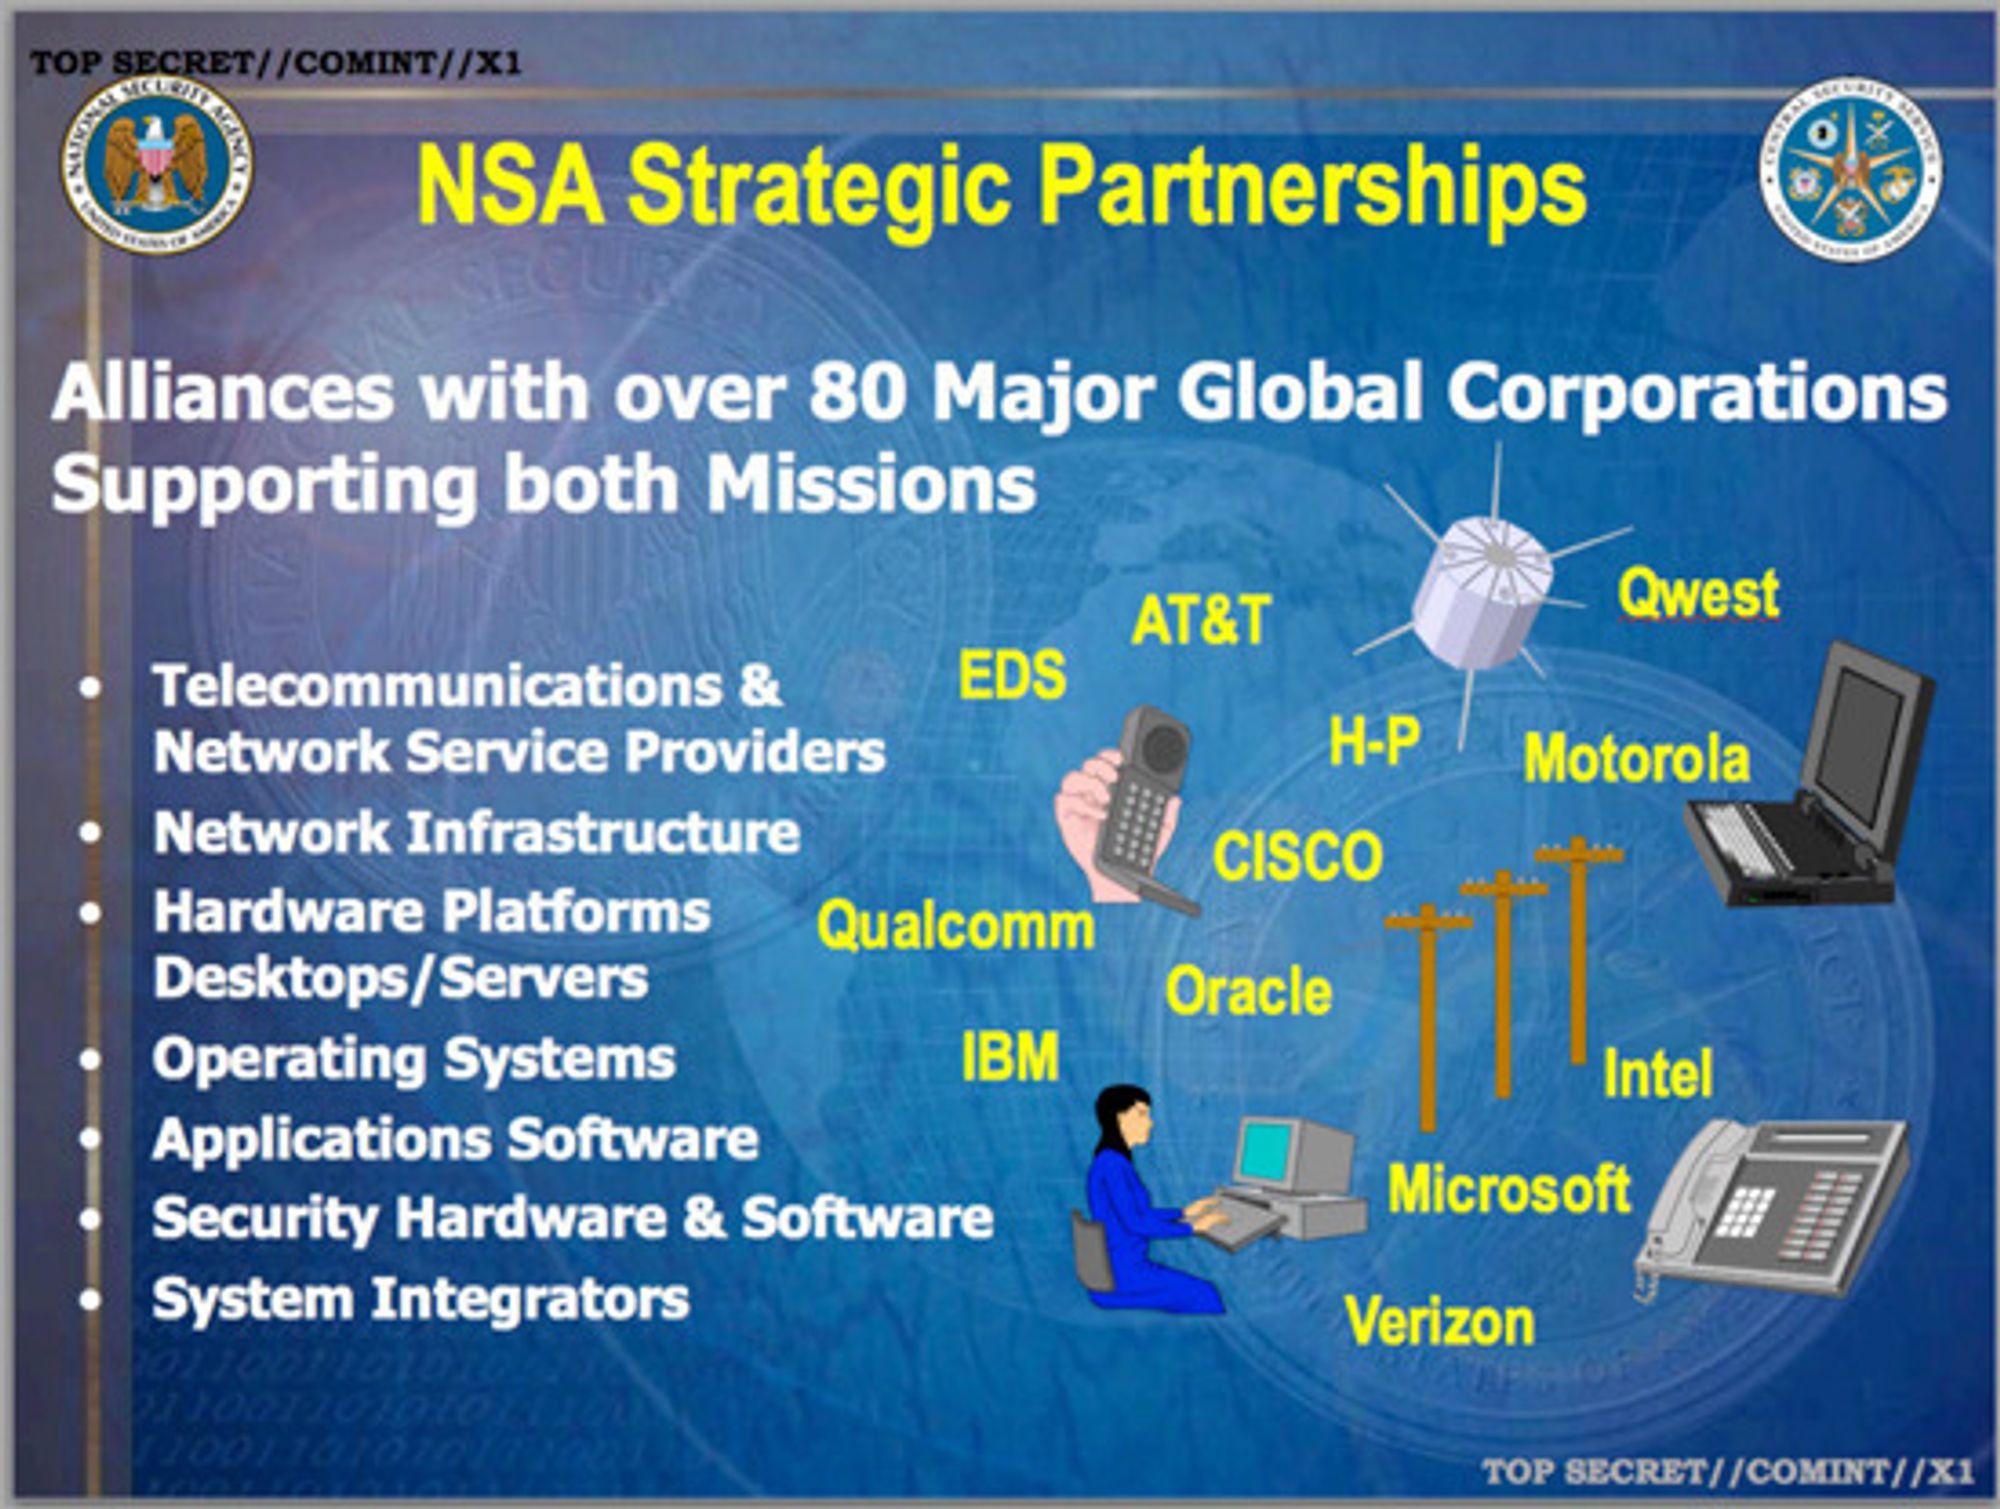 NSA skryter av mer enn 80 strategiske partnere innen alt fra telekom og nettverk til leverandører av operativsystem, programvare, sikkerhetsaktorer og systemintegratorer.